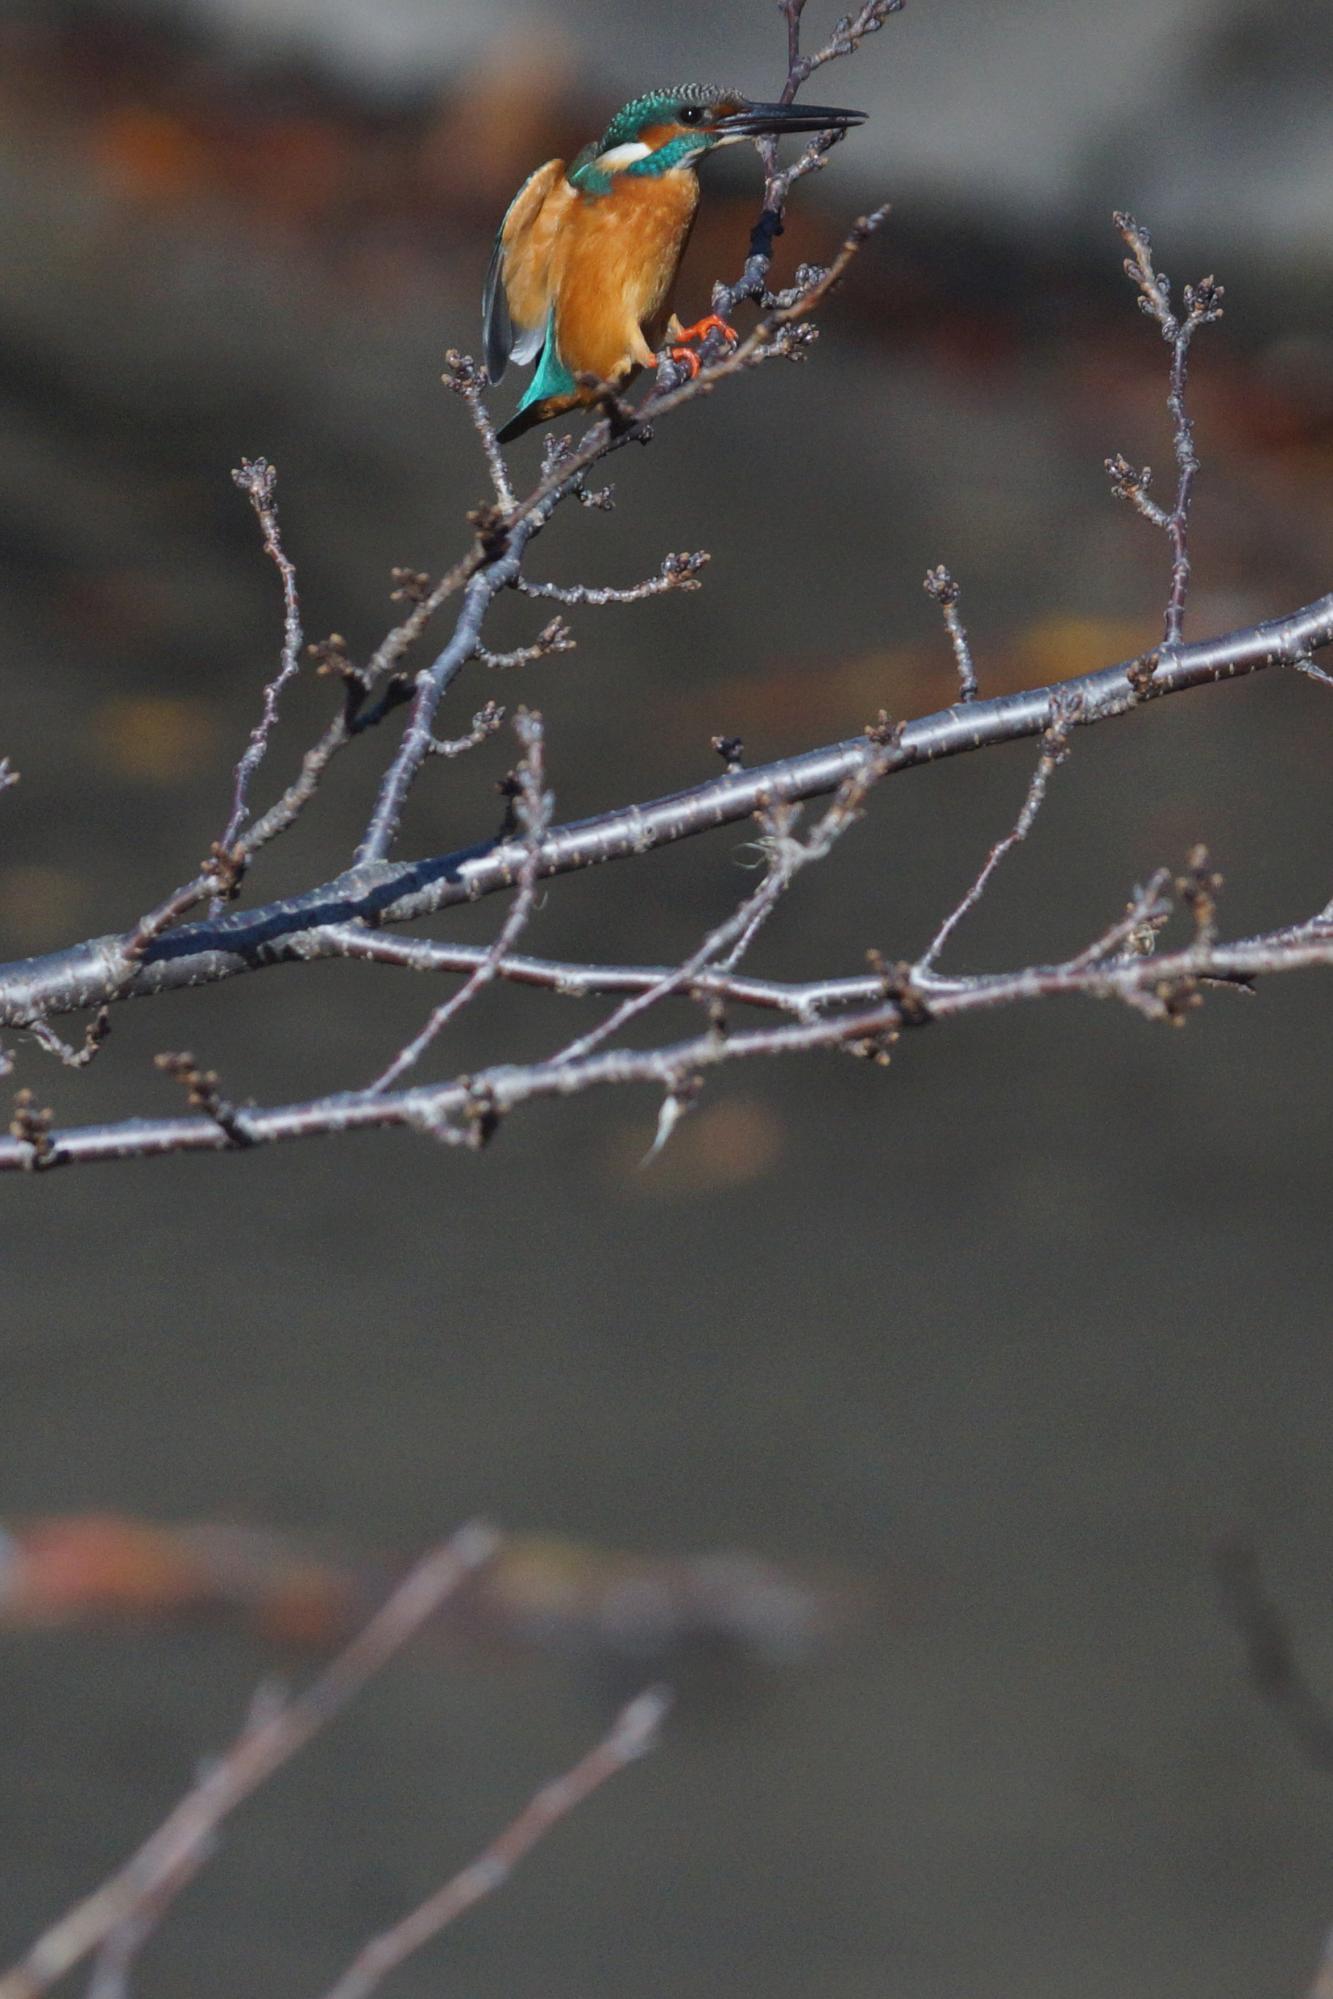 ♂ 2013/12/01 赤白鉄塔前にて(2/2)